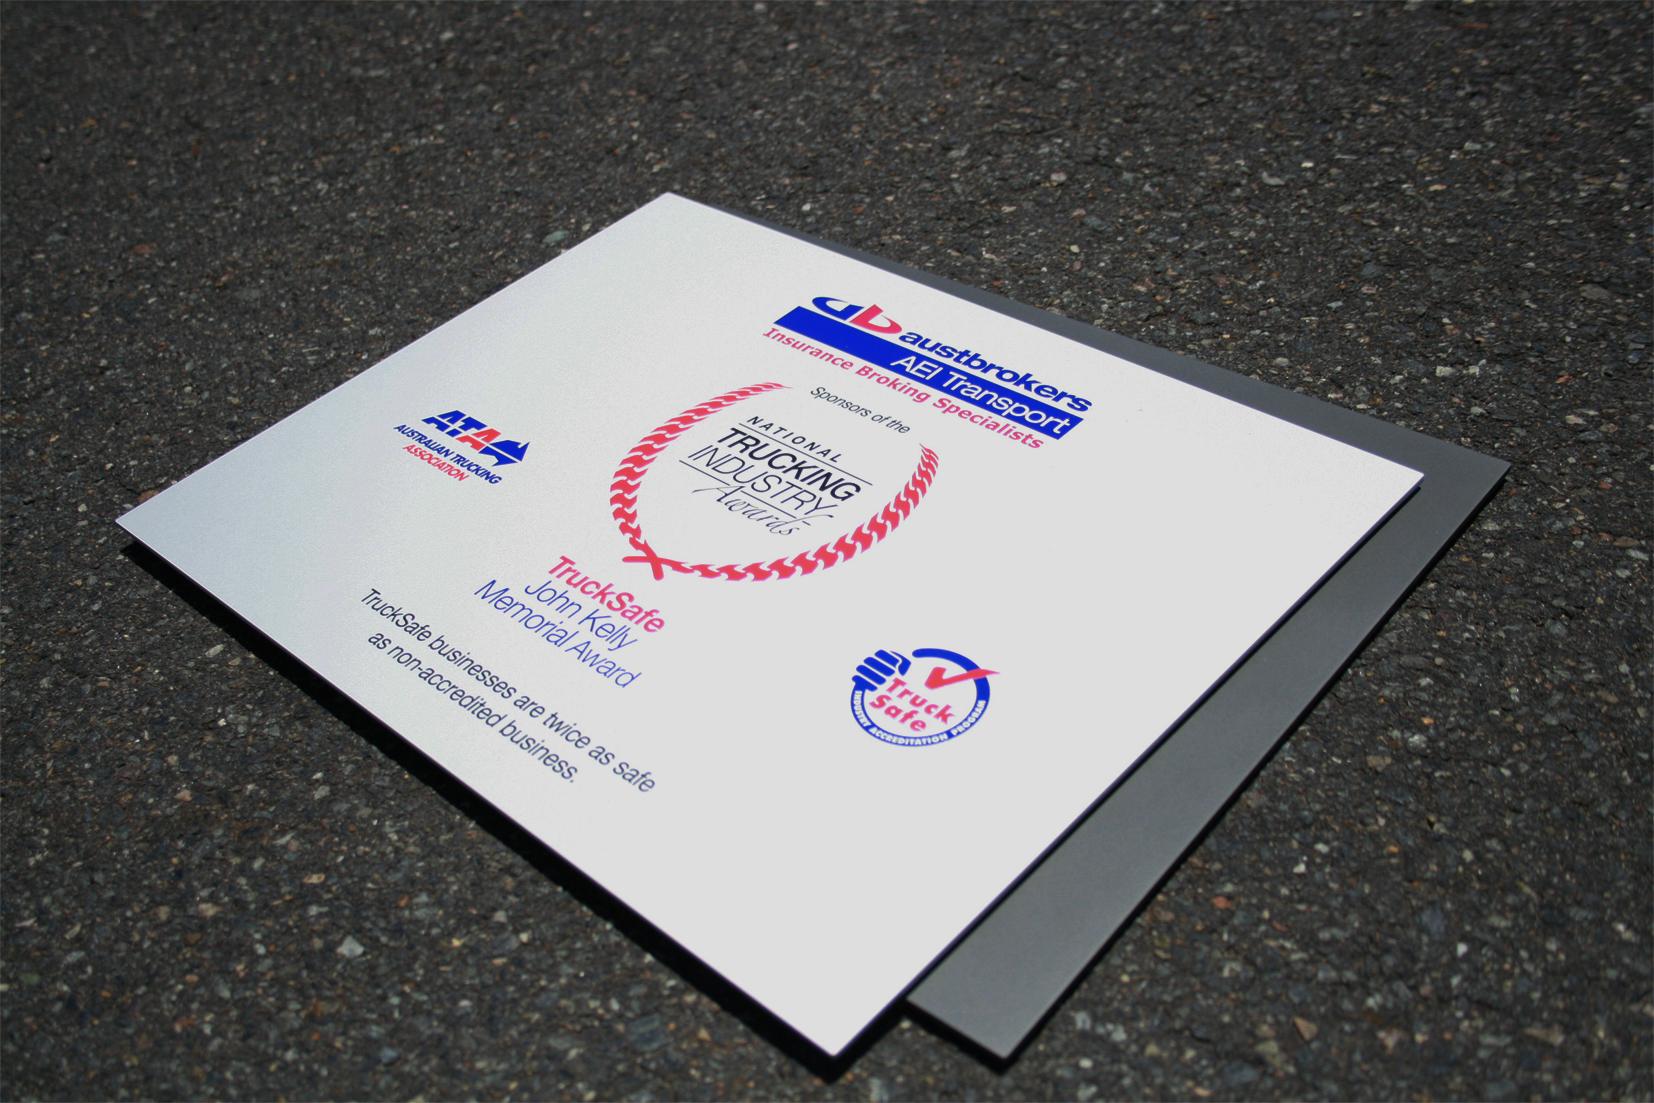 2345-ATA-Plaque-Outdoor-01.jpg